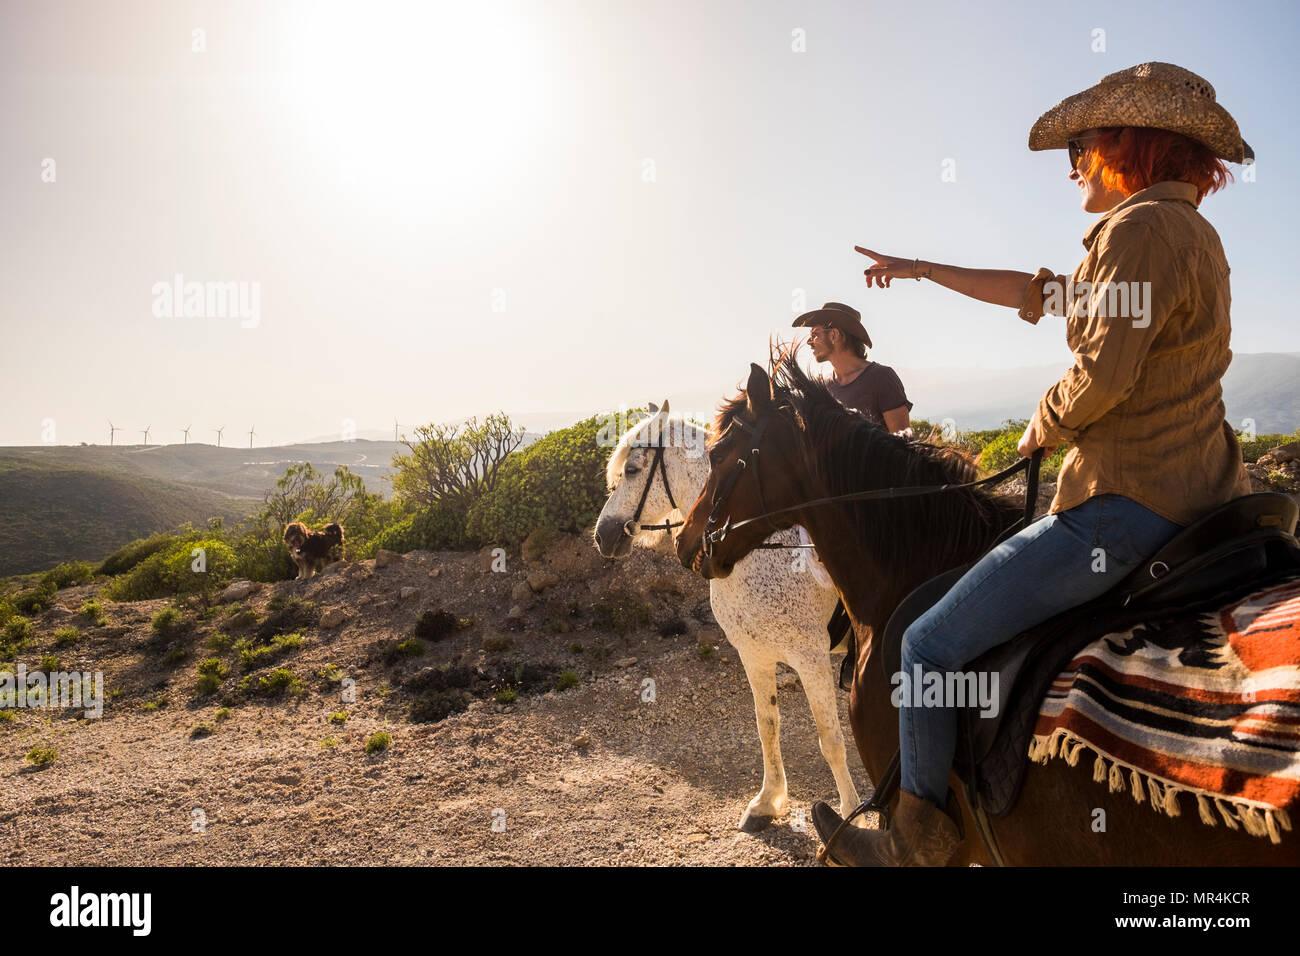 Pareja de vacaciones en Tenerife, montar a caballo en la naturaleza. Molino de viento sobre los antecedentes y el soleado día coloreado. Perros y animales actividad de ocio al aire libre Imagen De Stock